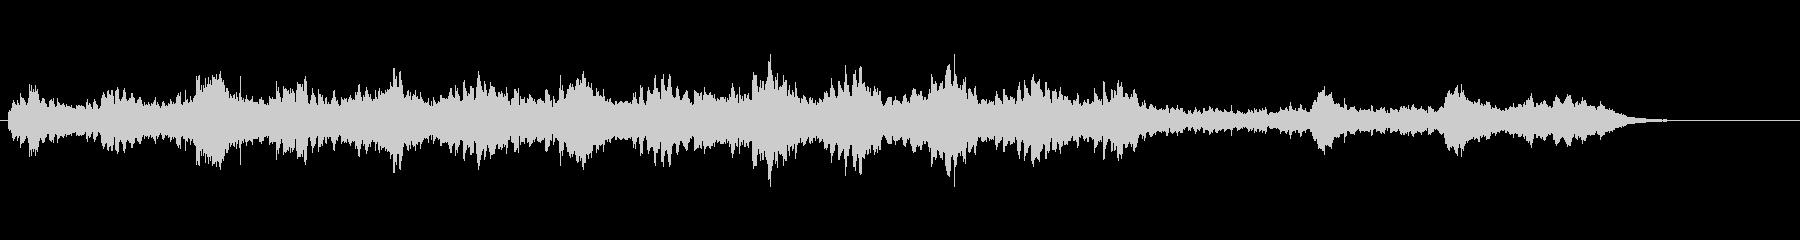 感動のシーン用BGMの未再生の波形